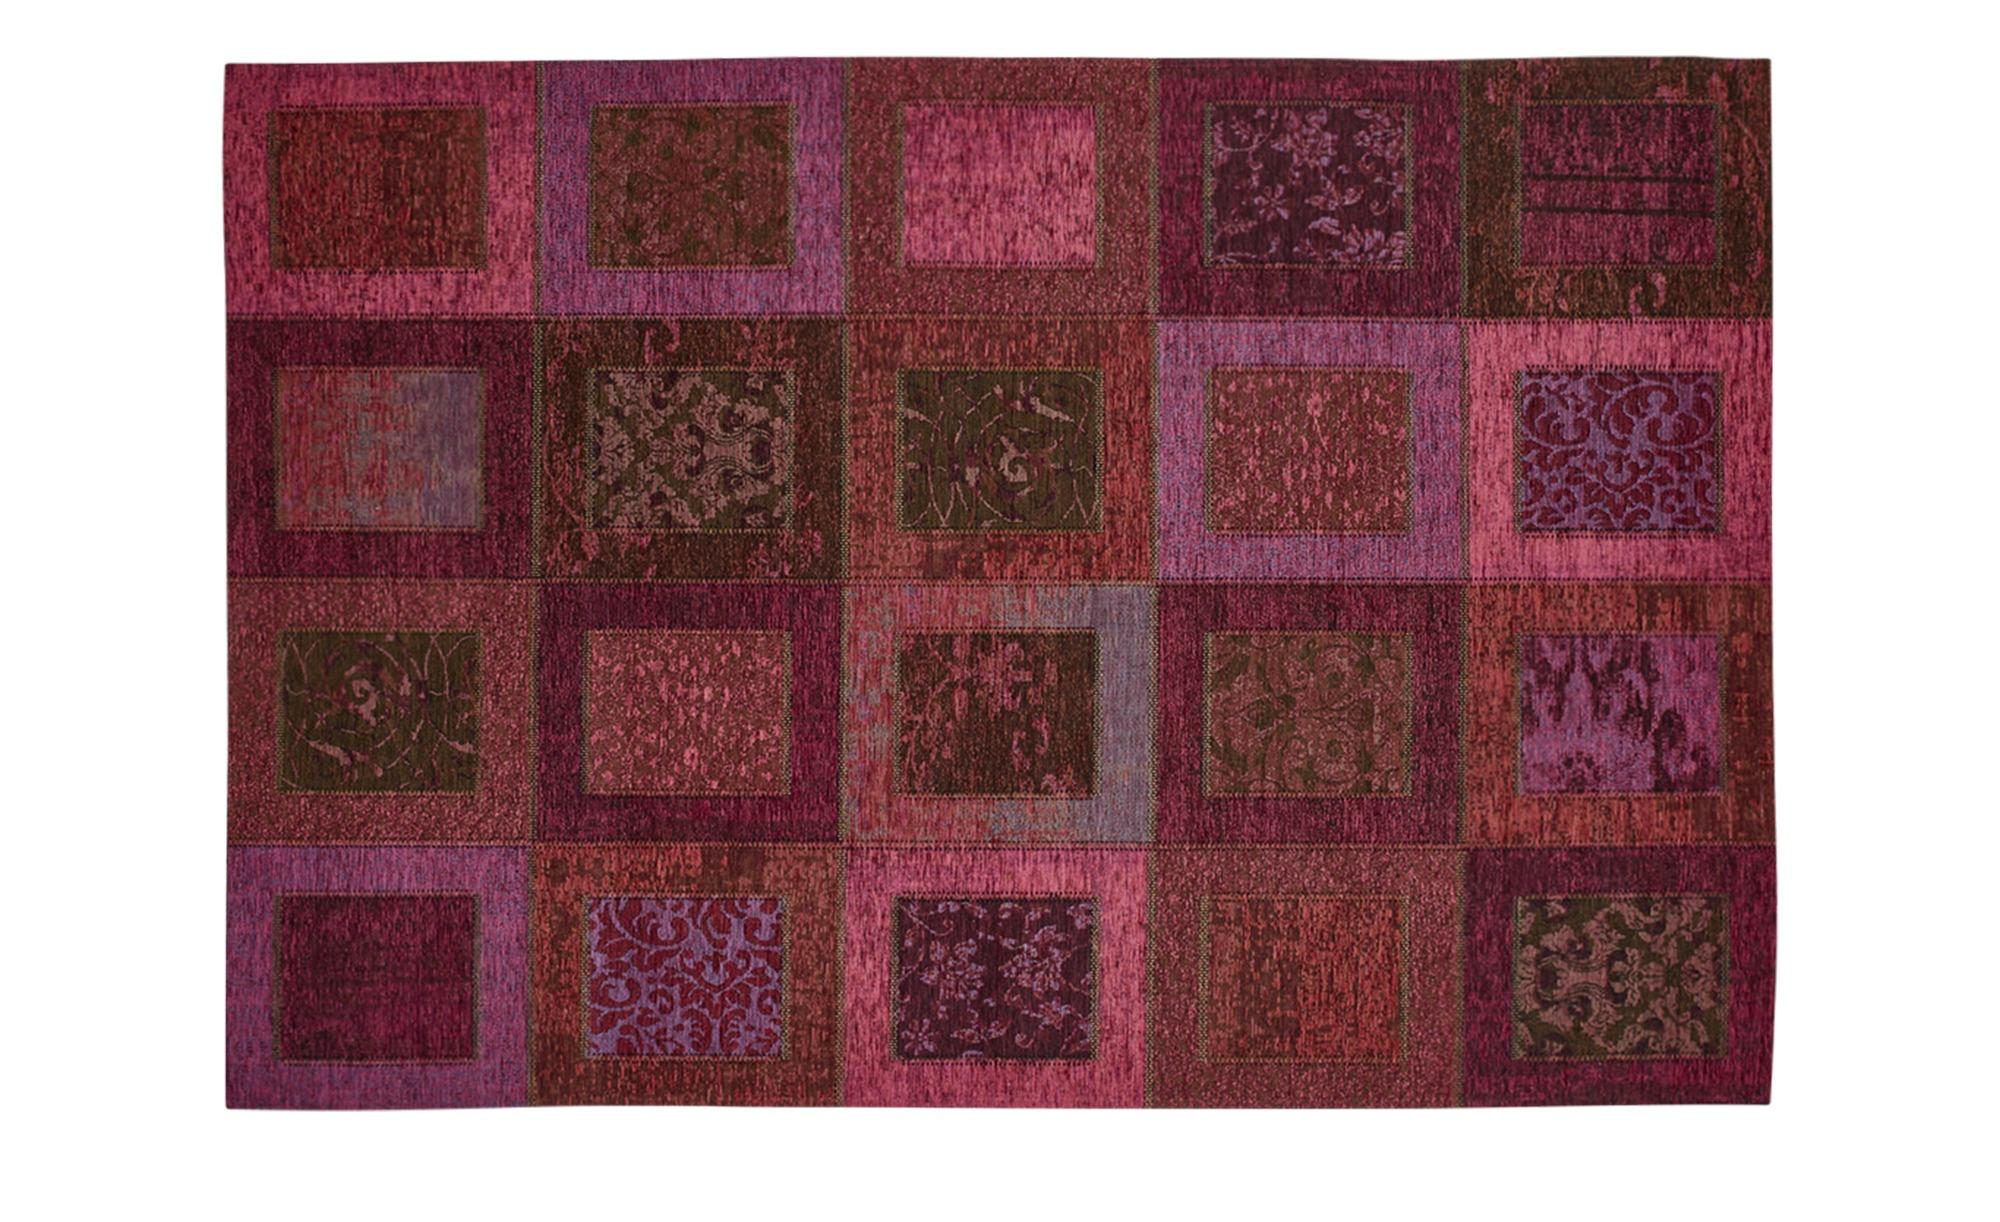 Webteppich  Harmonie ¦ lila/violett ¦ 34% Chenille Acryl, 33% Baumwolle, 33% Polyester ¦ Maße (cm): B: 155 Teppiche > Wohnteppiche - Höffner